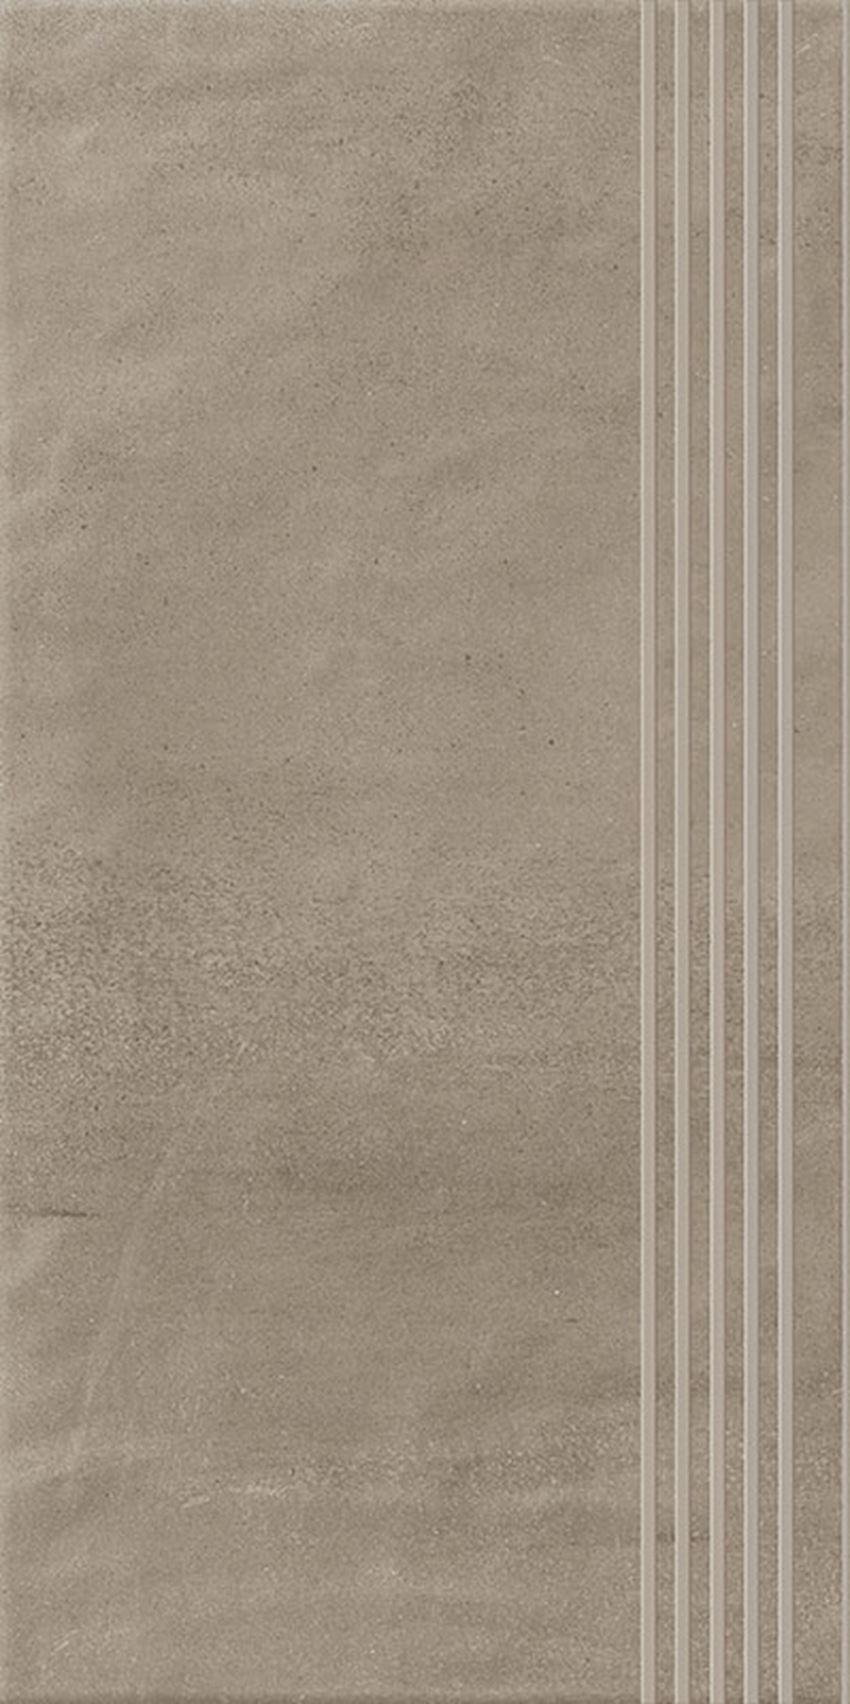 Płytka stopnicowa 29,8x59,8 cm Paradyż Hybrid Stone Mocca Stopnica Prosta Nacinana